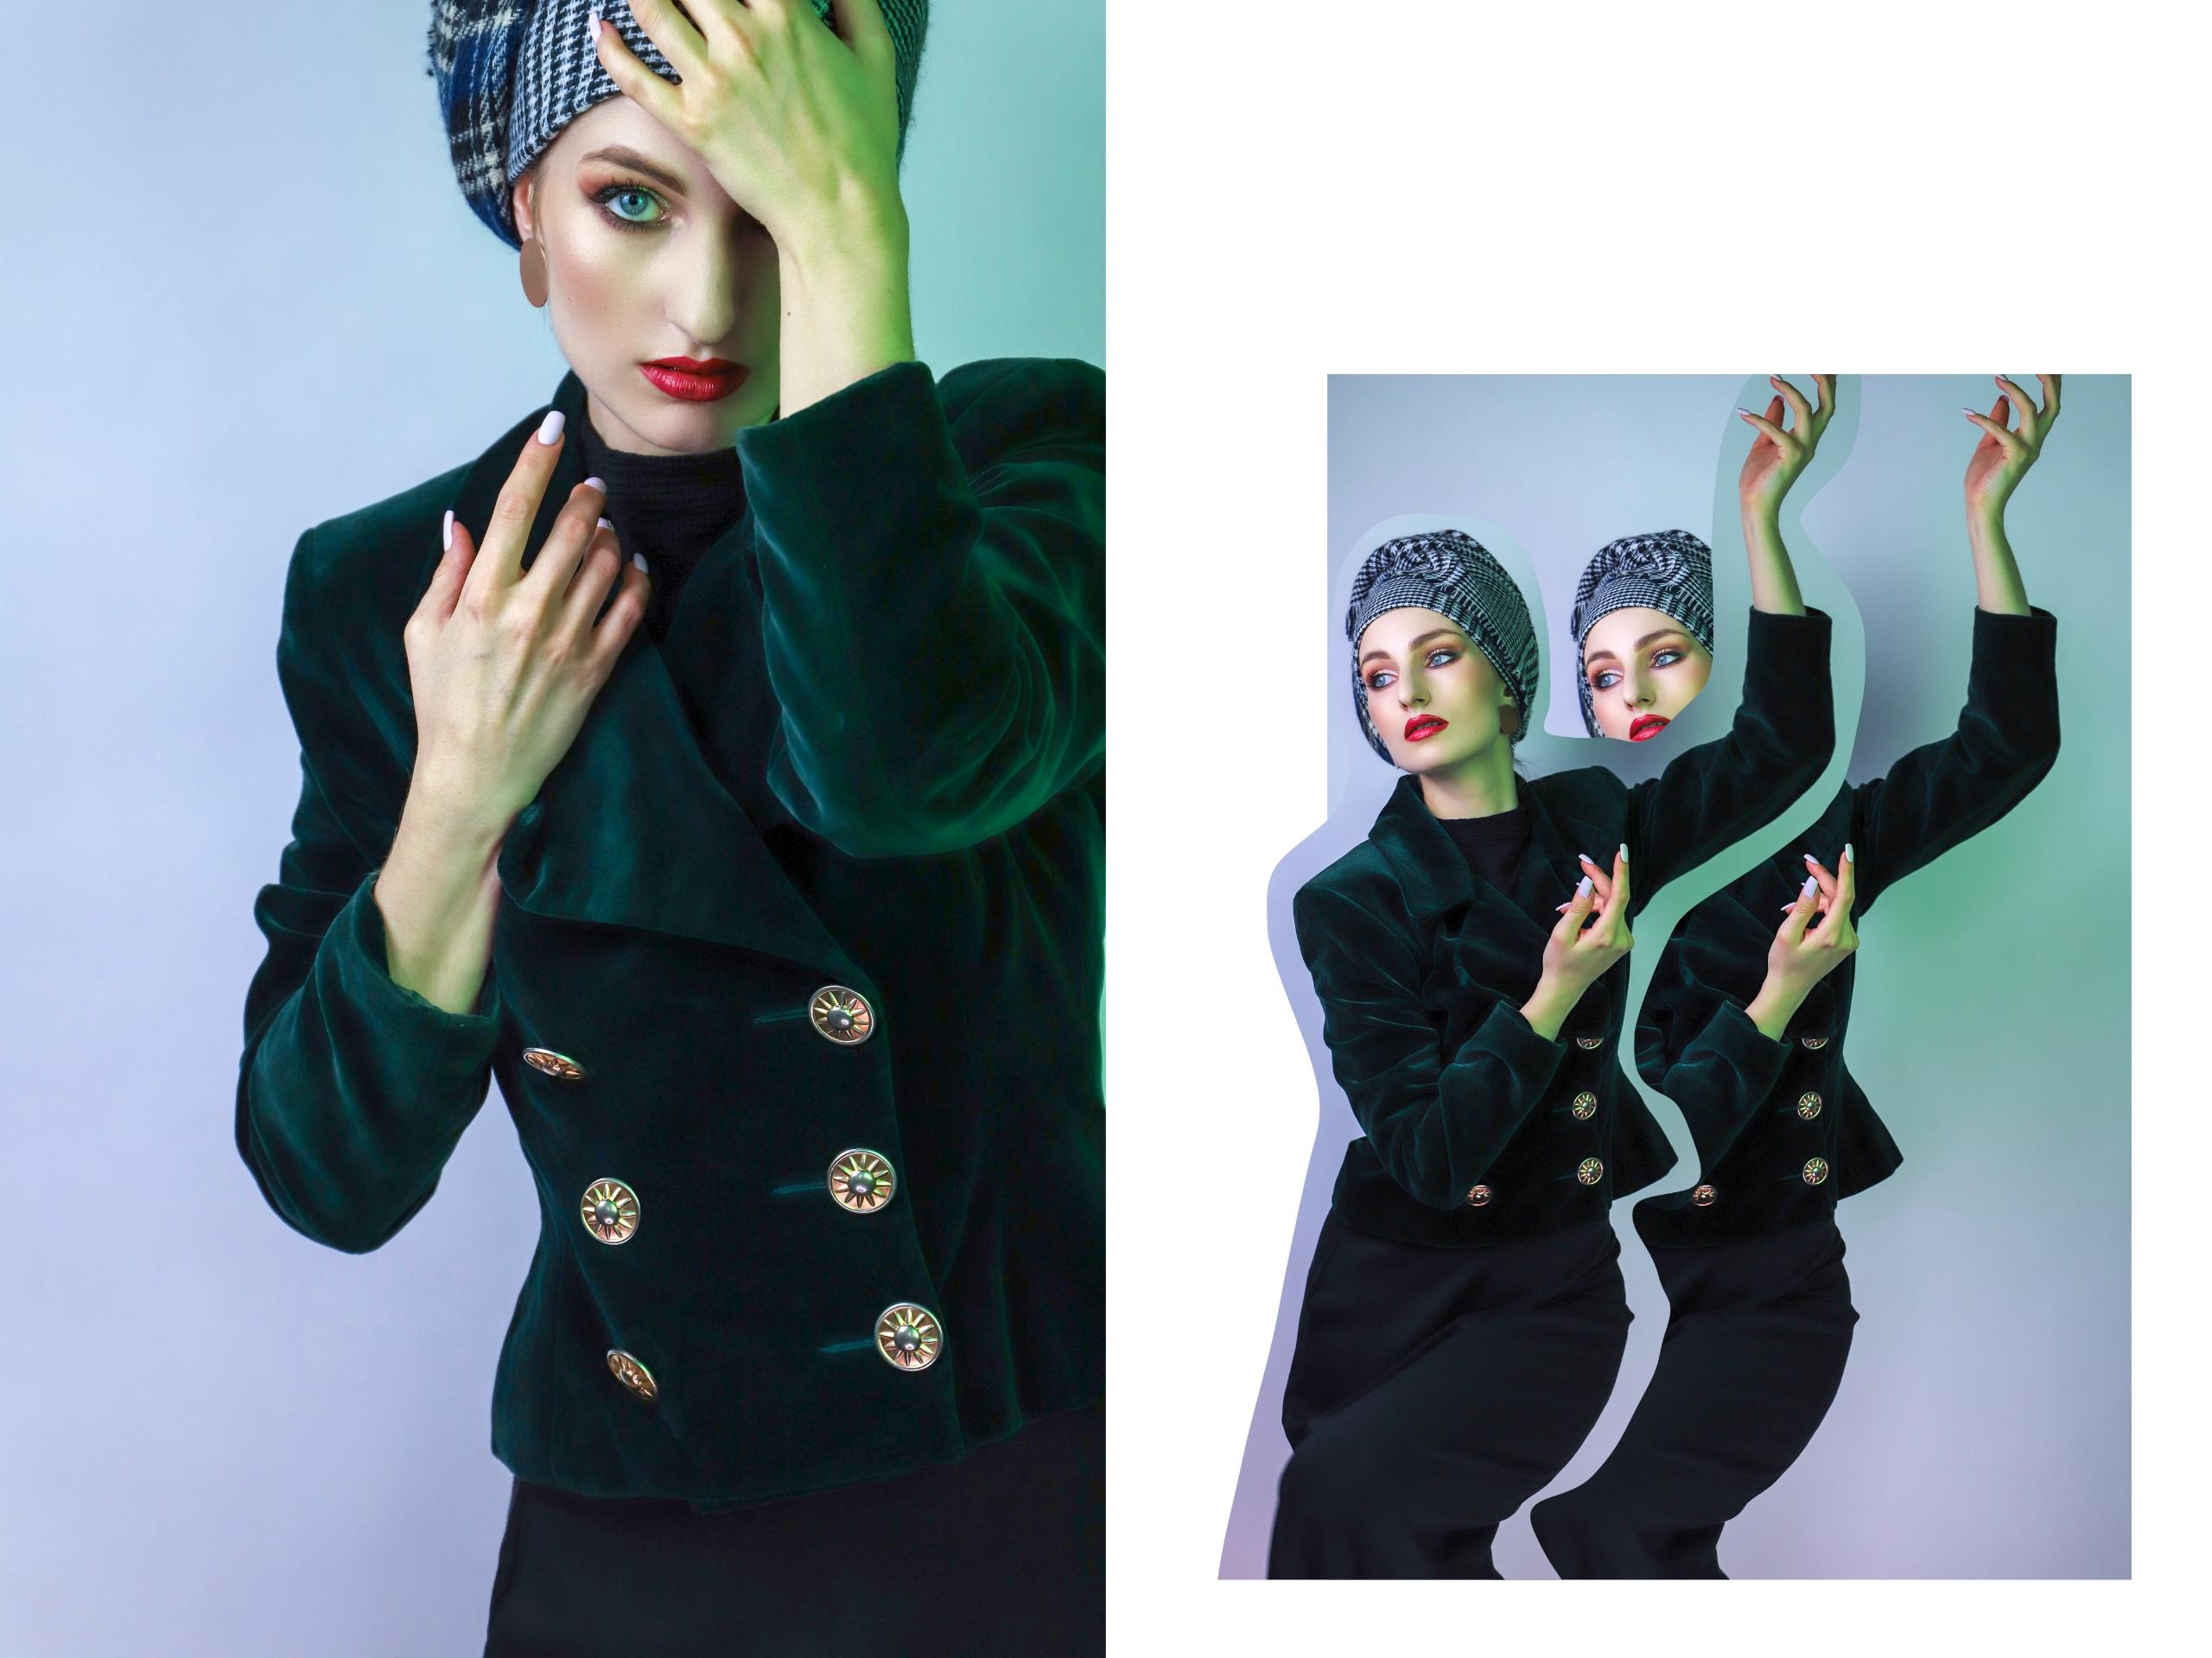 Obraz przedstawia dwa zdjęcia. Z lewej strony widzimy portret kobiety zasłaniającej swoją twarz lewą ręką, z prawej podwójną postać z uniesionymi rękami.